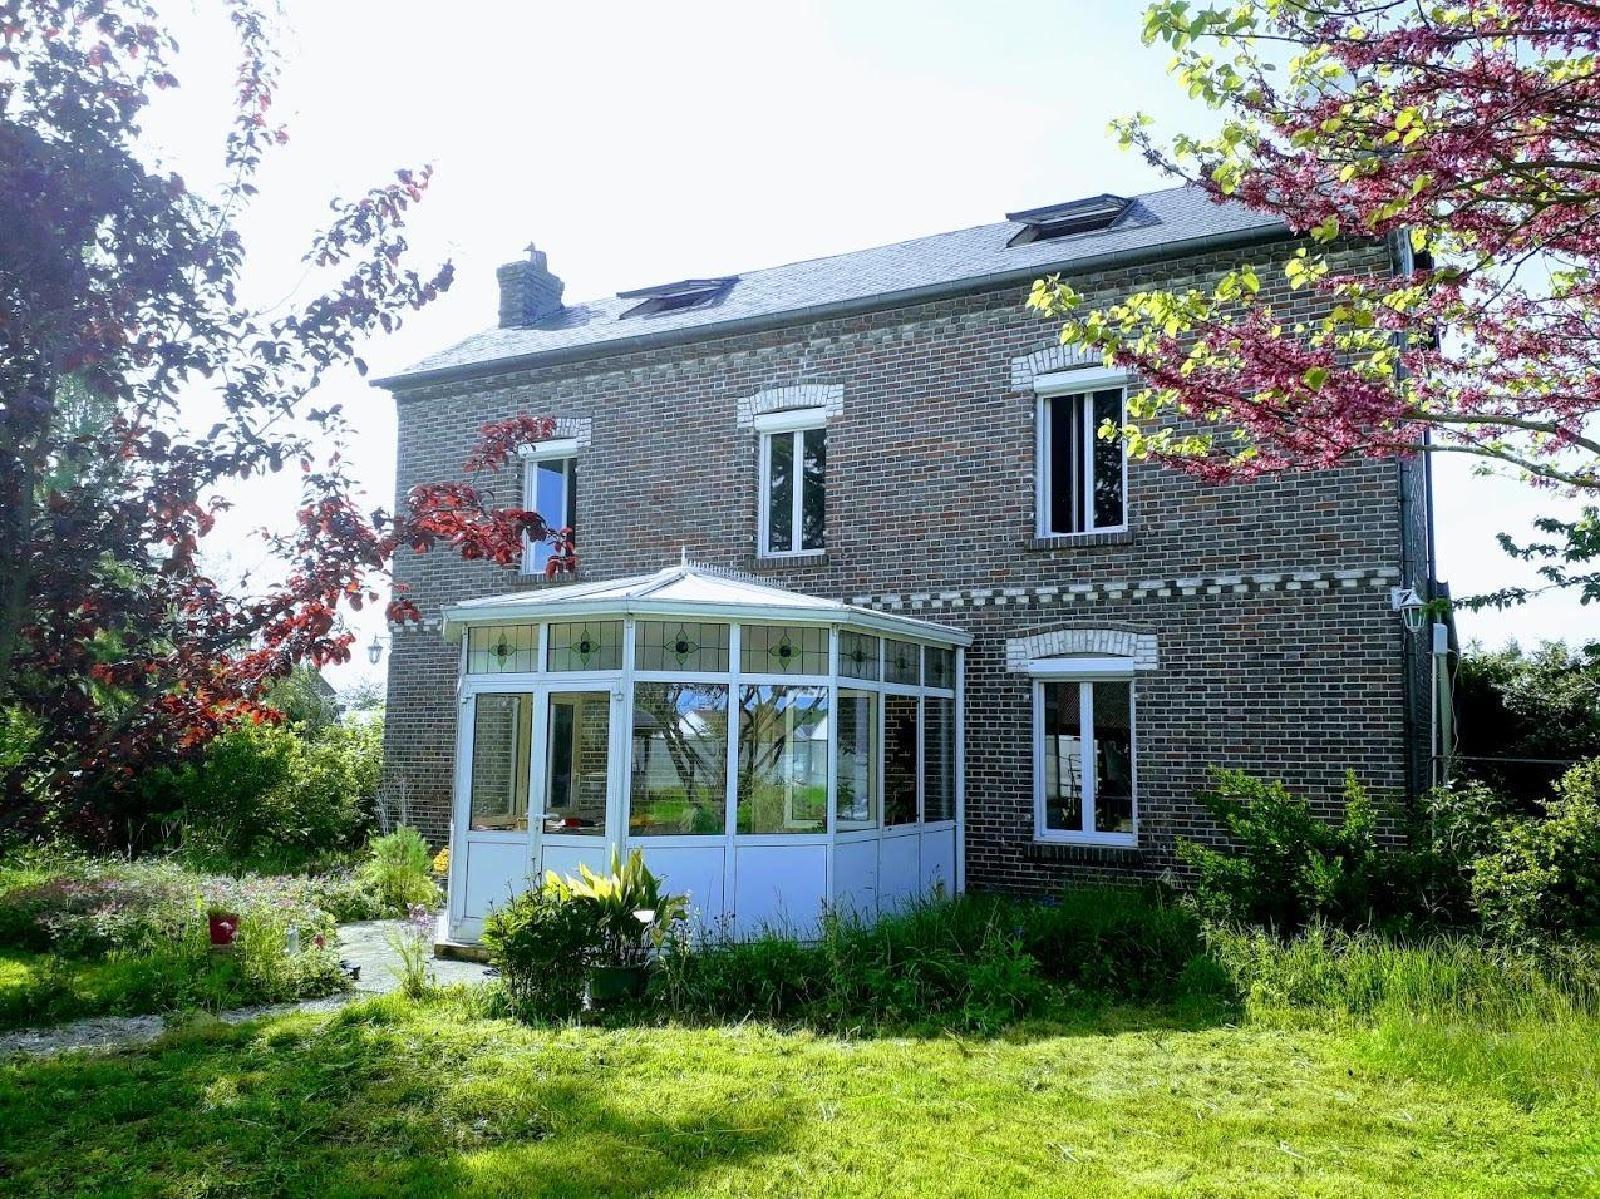 À Vendre | Ventes Immobilier | Immobilier Normandie | Biens ... à Piscine Jean Bouin Évreux